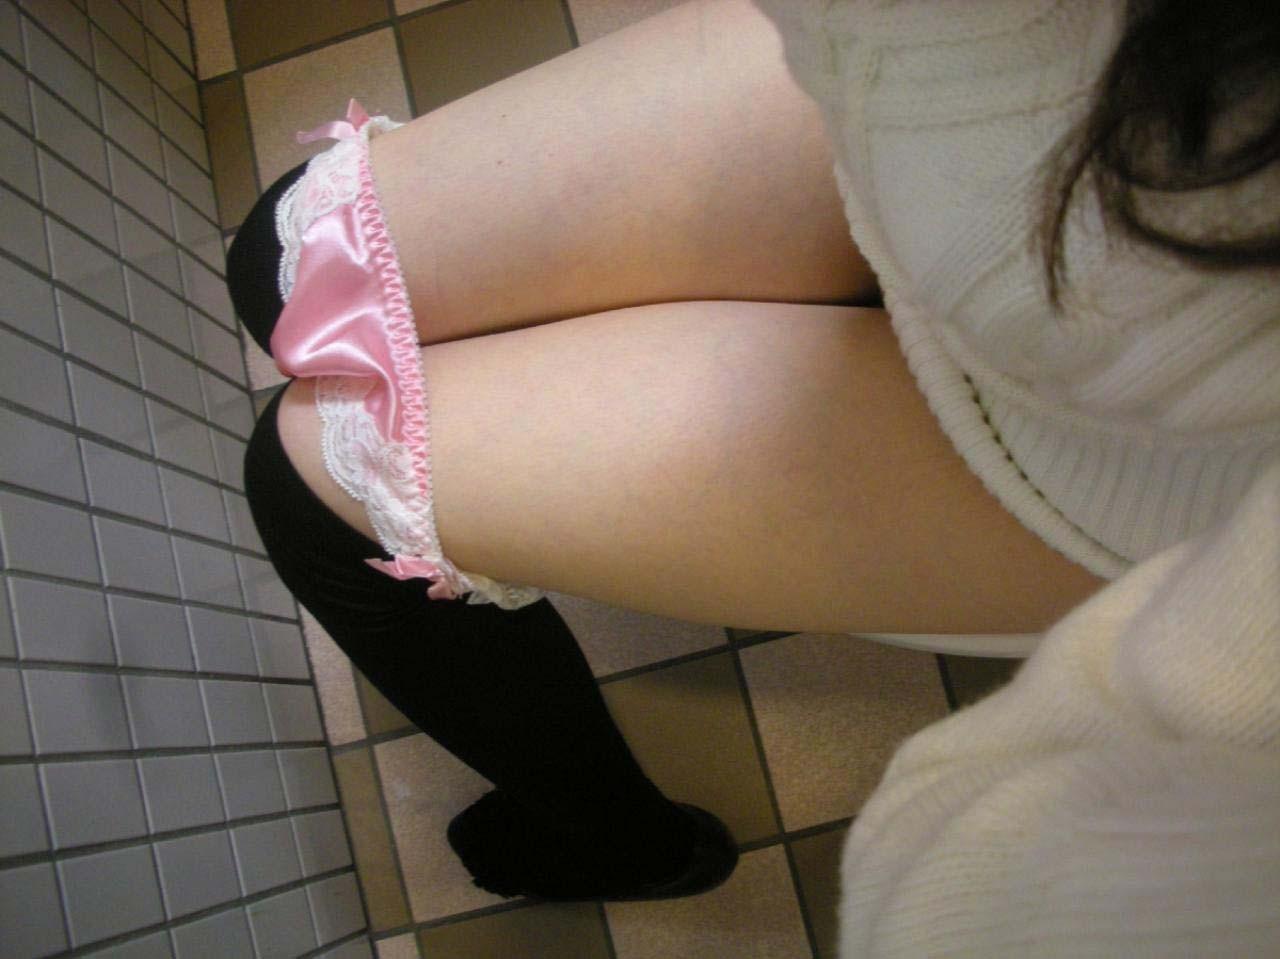 【トイレエロ画像】ユニットバスなら狙い目wシンプルに変態な放尿中の女に立ち合い(*´Д`)